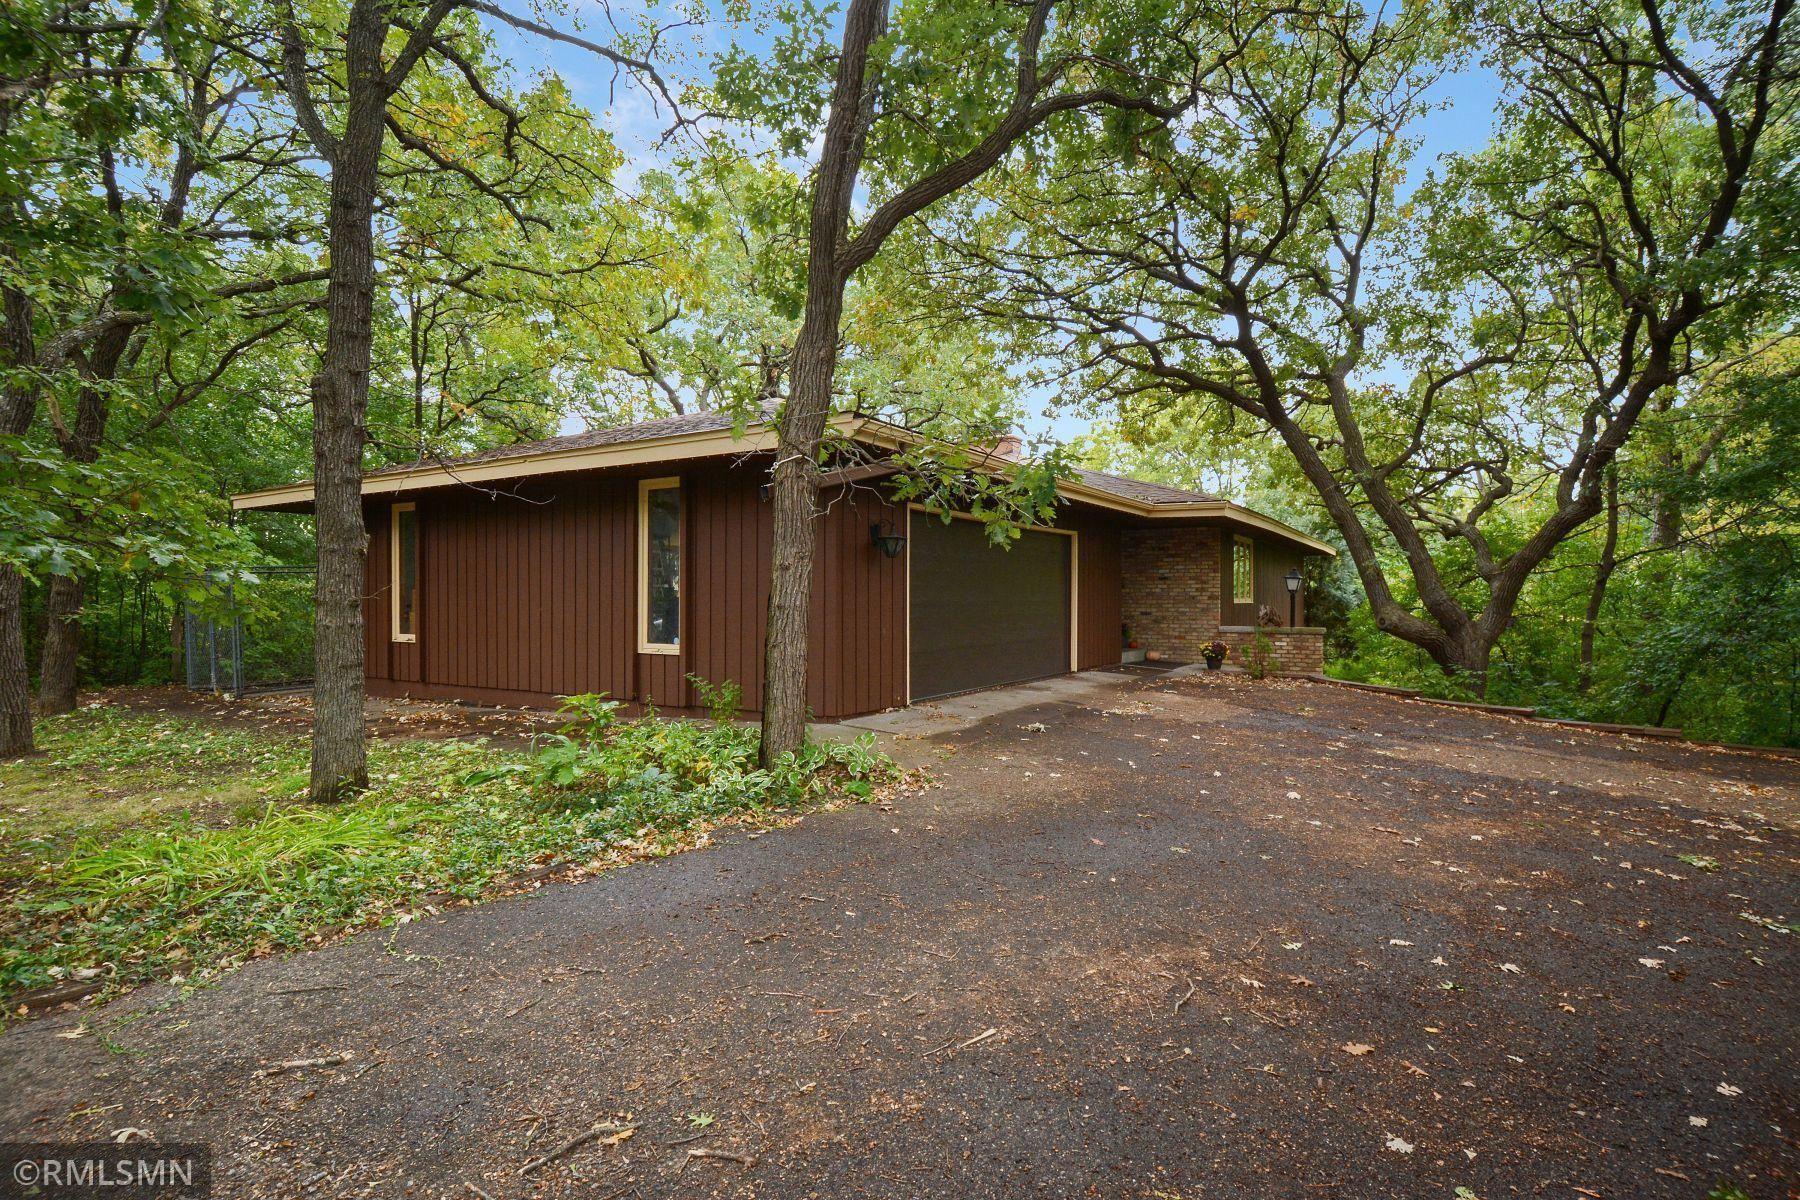 Photo of 3917 Overlook Drive, Bloomington, MN 55437 (MLS # 6101583)